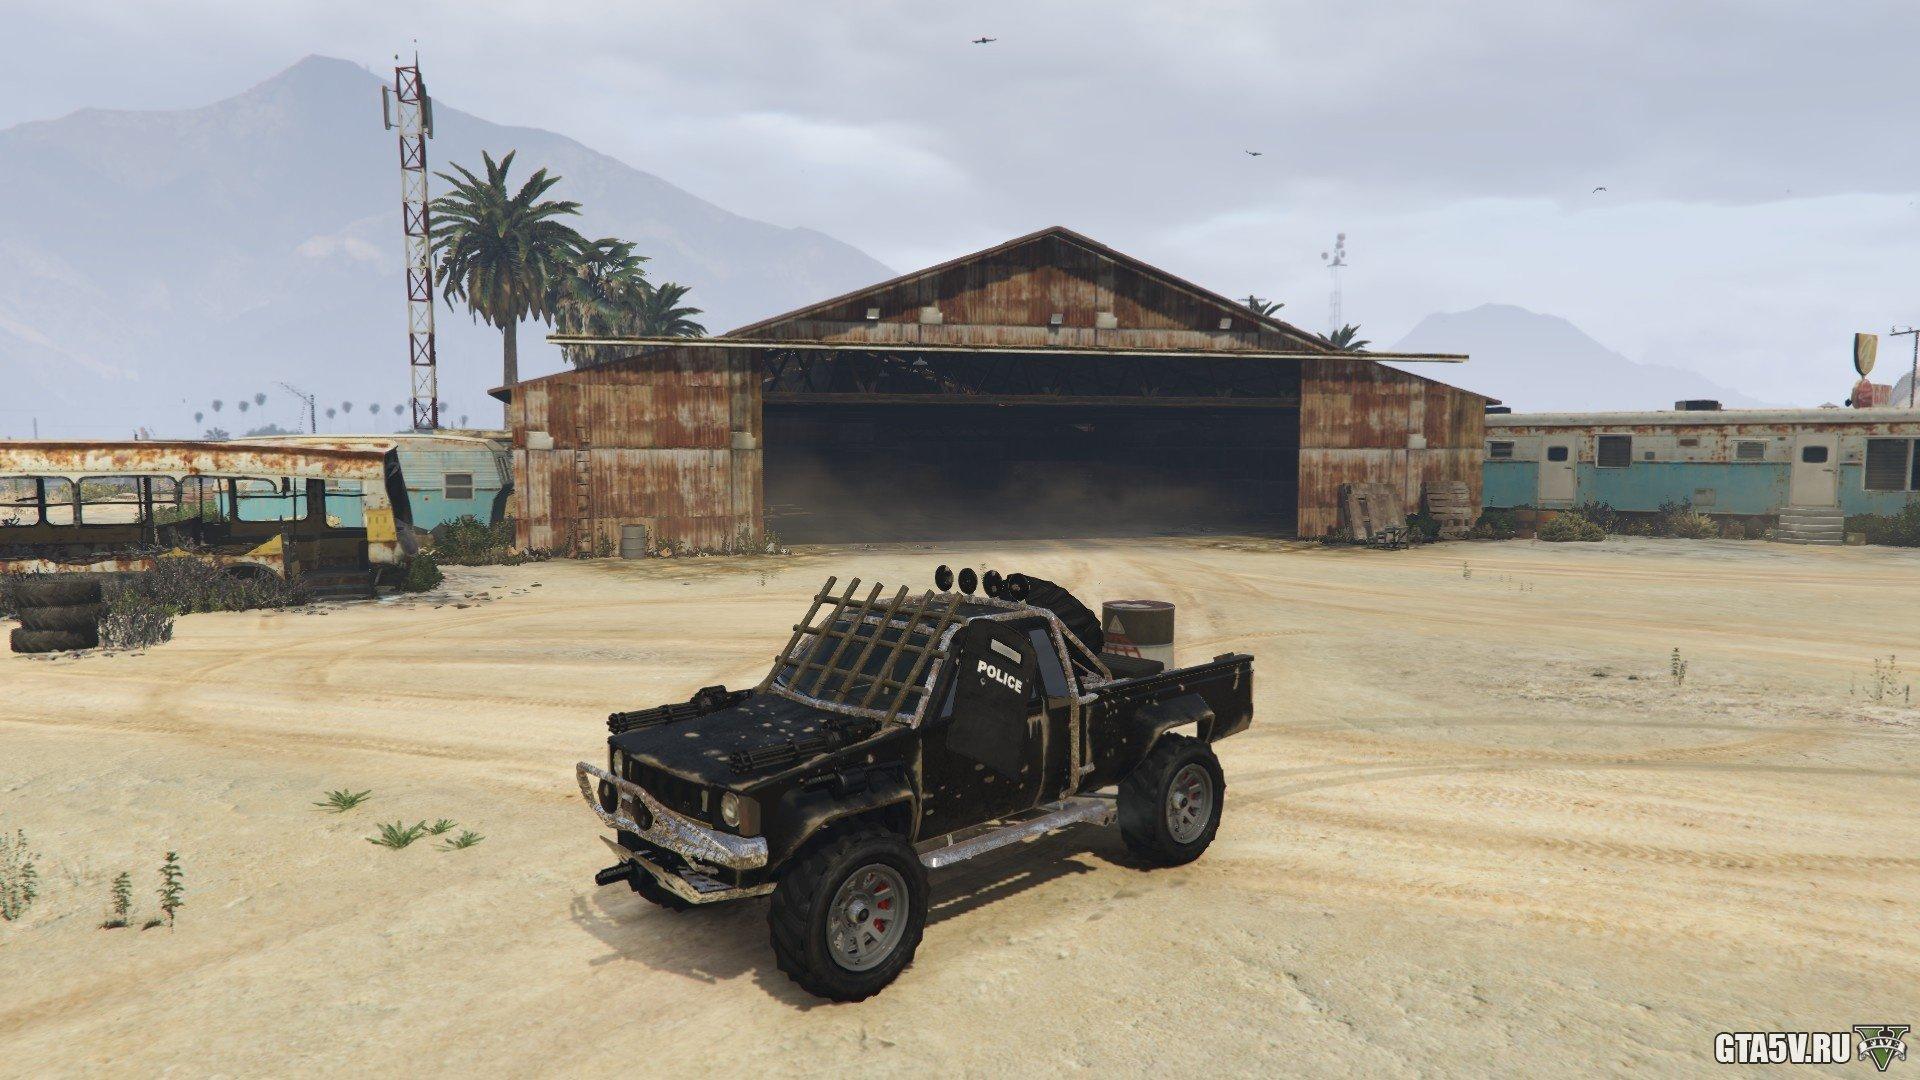 ГТА 5 Зомби Машины для Апокалипсиса